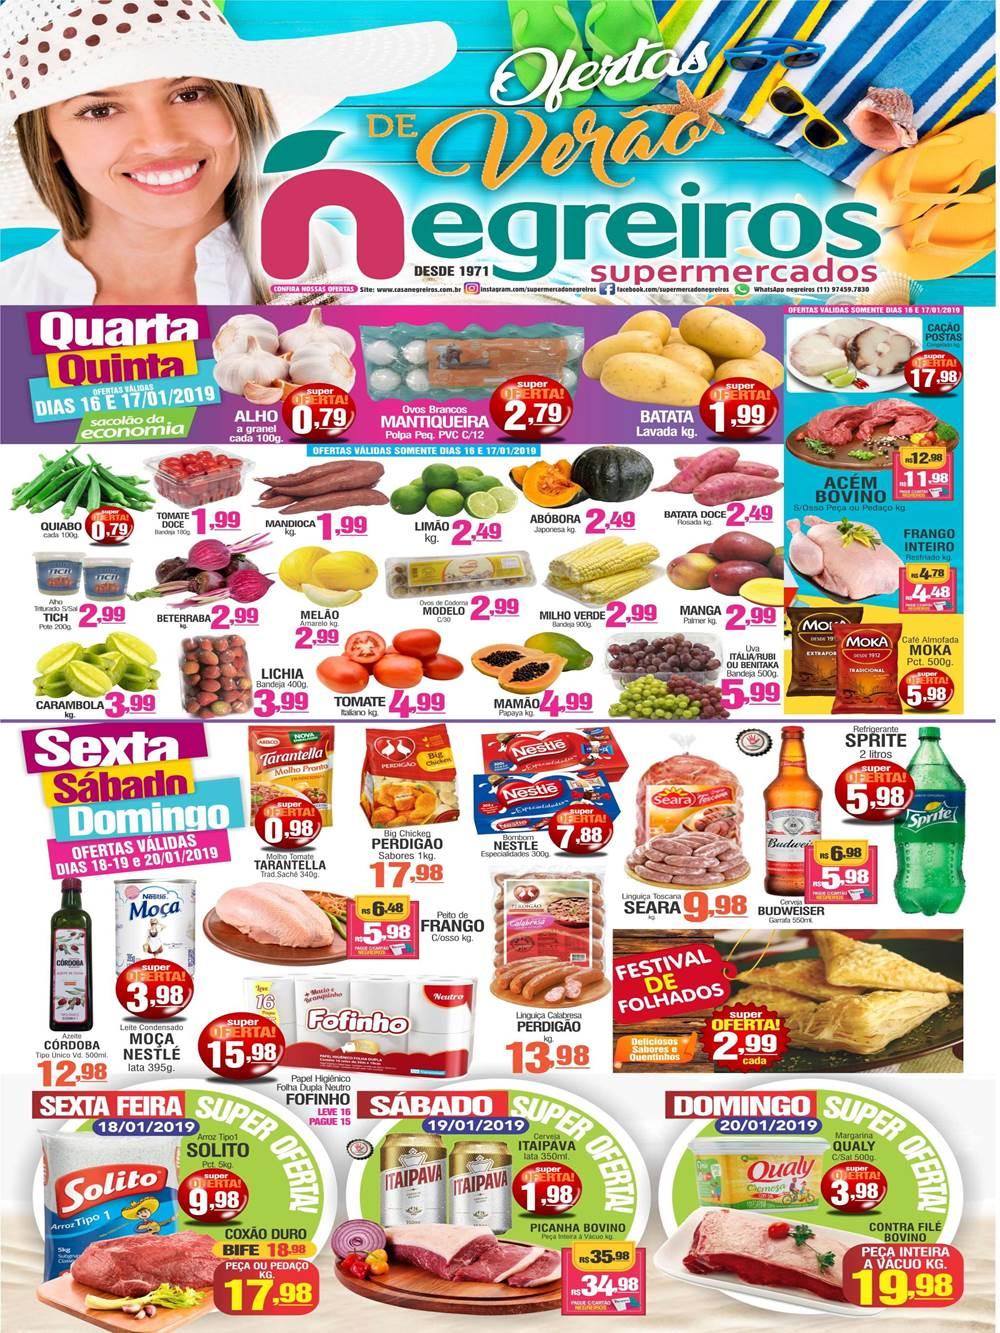 Ofertas-negreiros1-1 Ofertas de Supermercados - Economize!